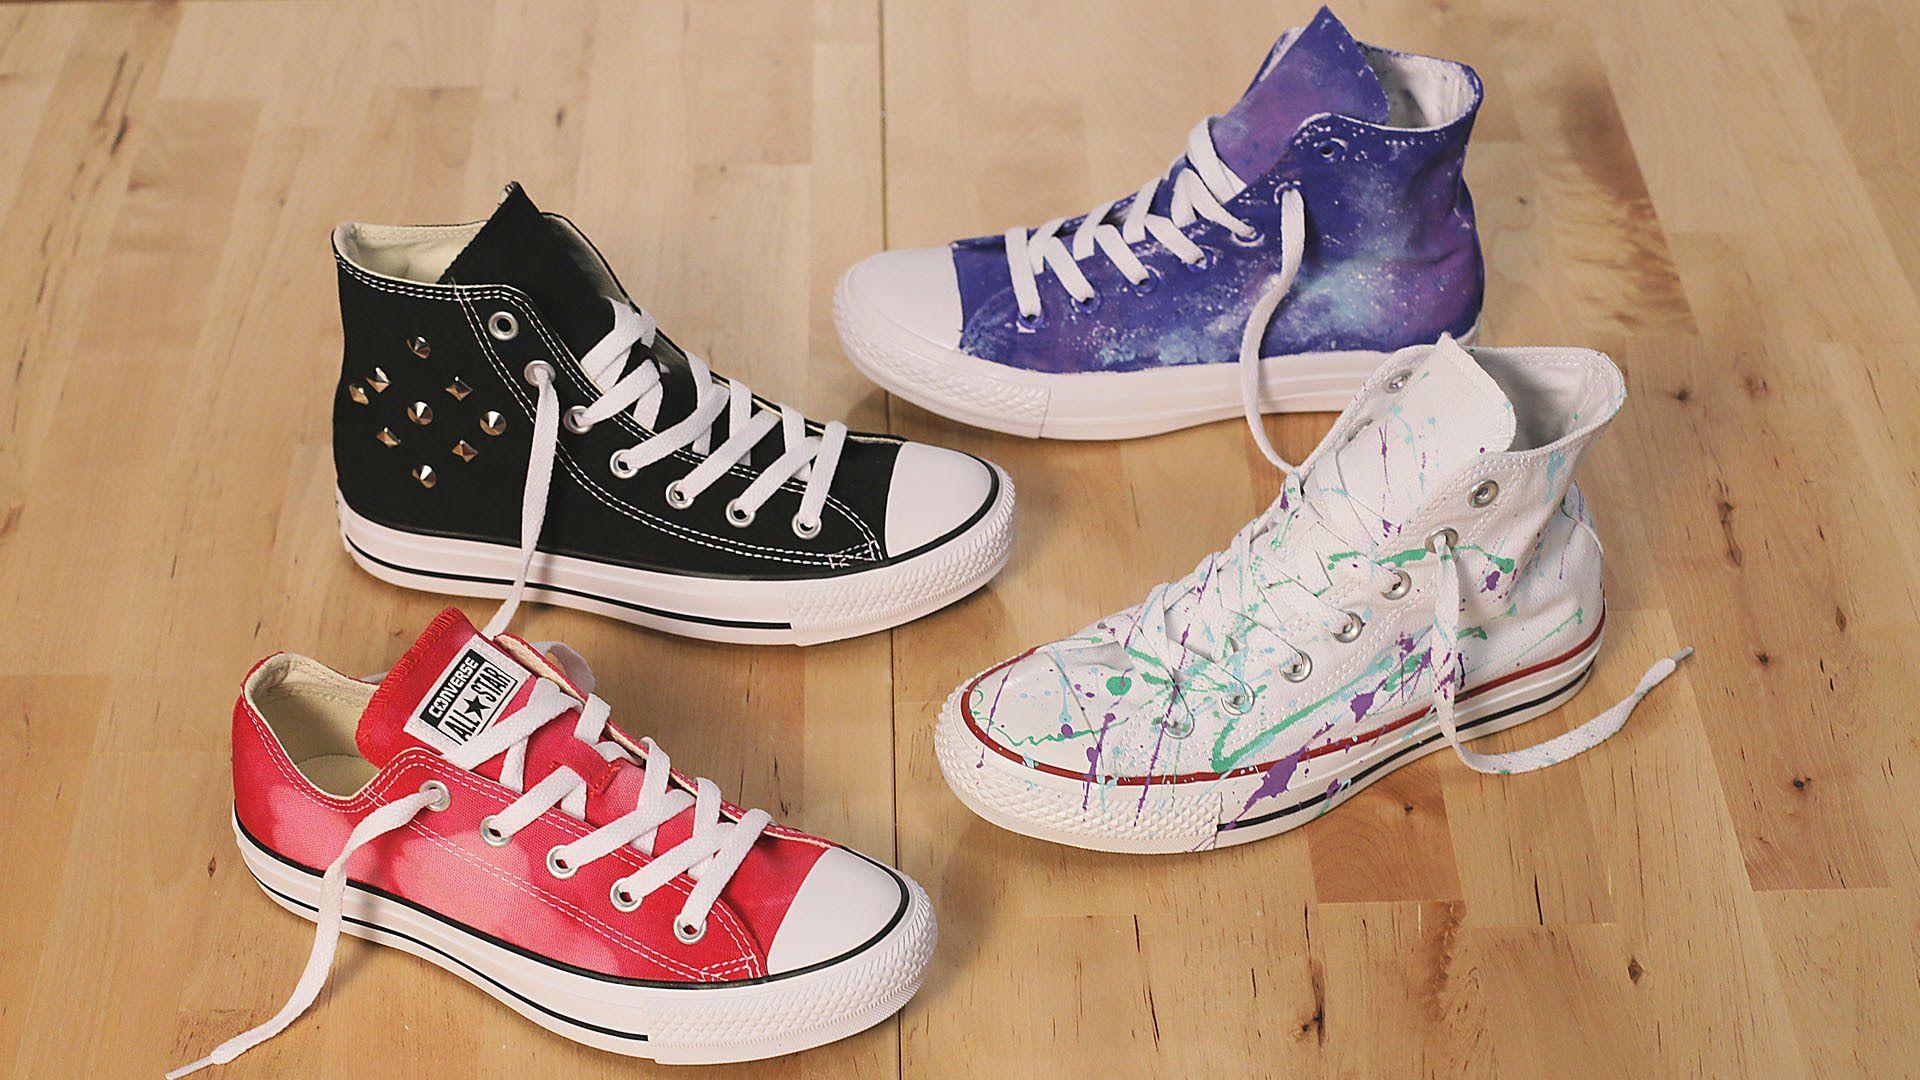 DIY Ways to Customize Converse Part 2 | Famous Footwear